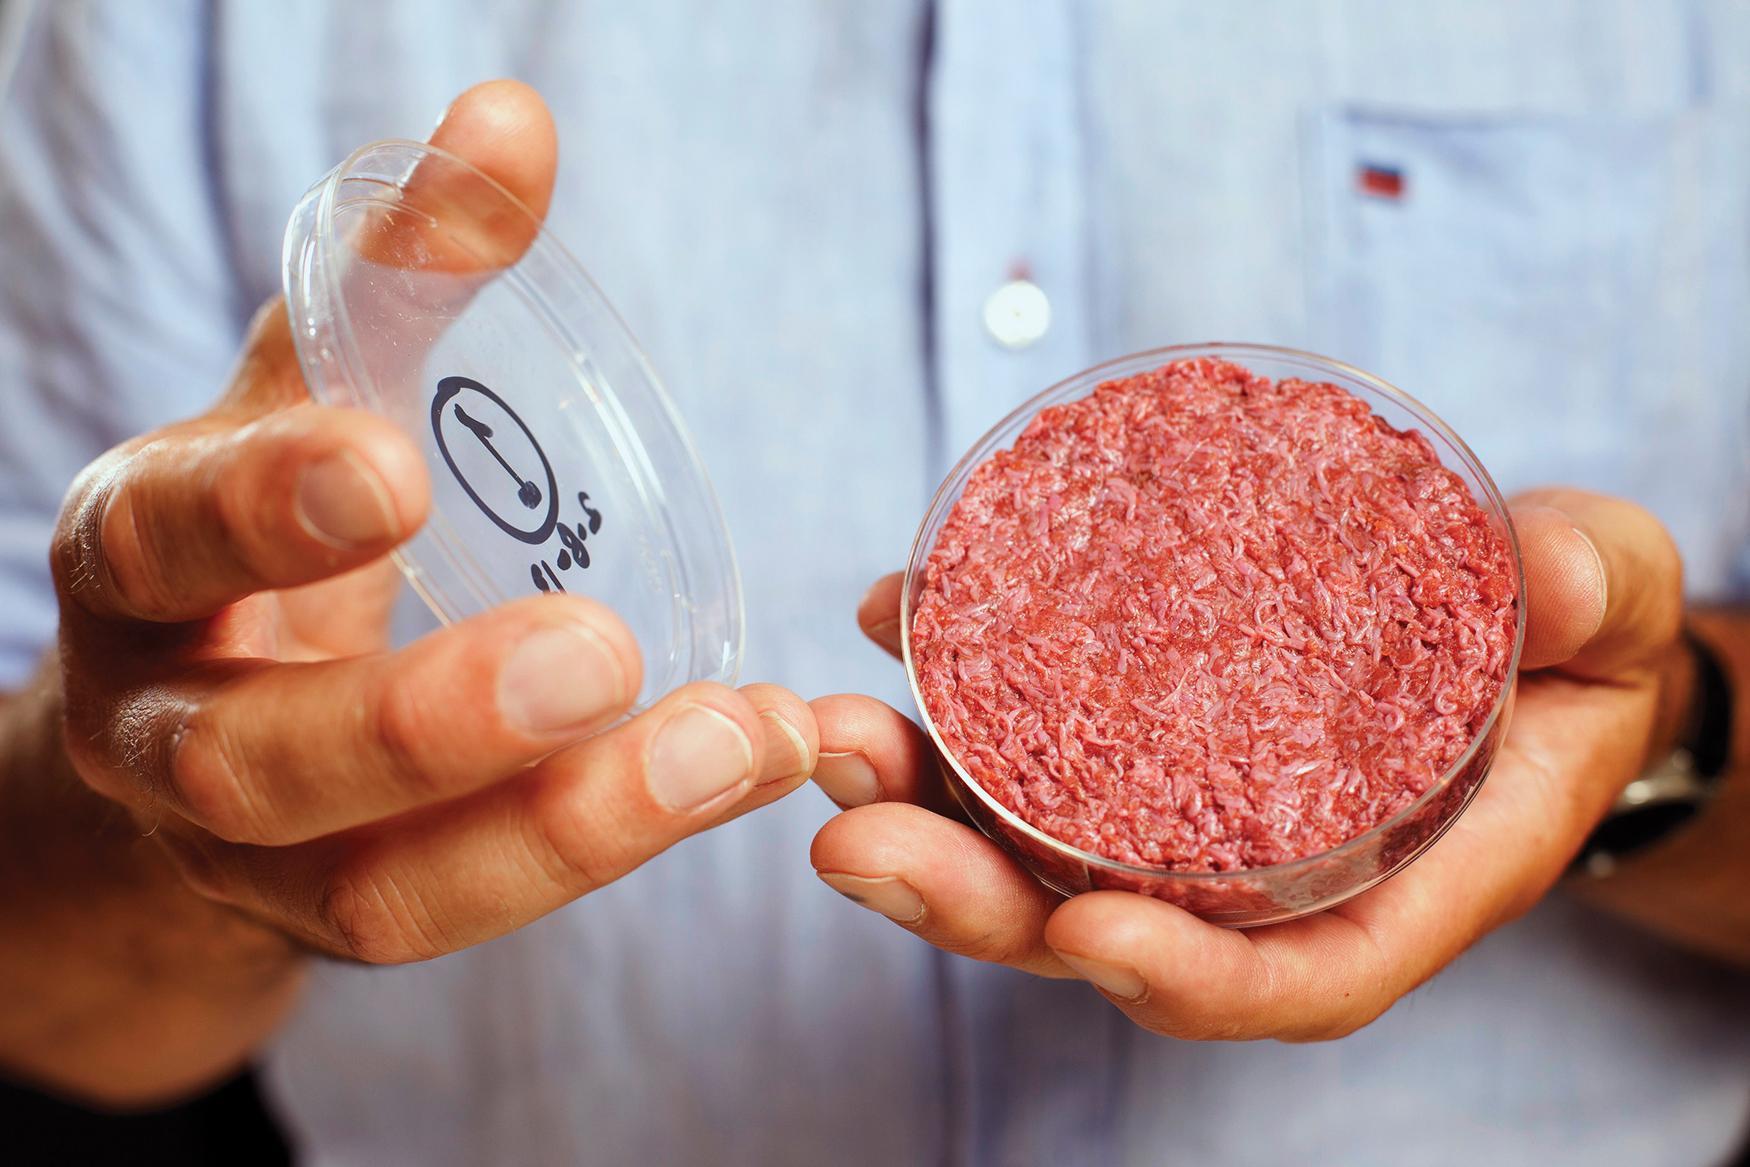 באוגוסט האחרון הגיש מארק פוסט מאוניברסיטת מאסטריכט בהולנד המבורגר שגודל במעבדה לשני סועדים. אחד אמר ש״הוא לא היה לא נעים״. צילום: בריאן קלאץ׳, מדע פופולארי.